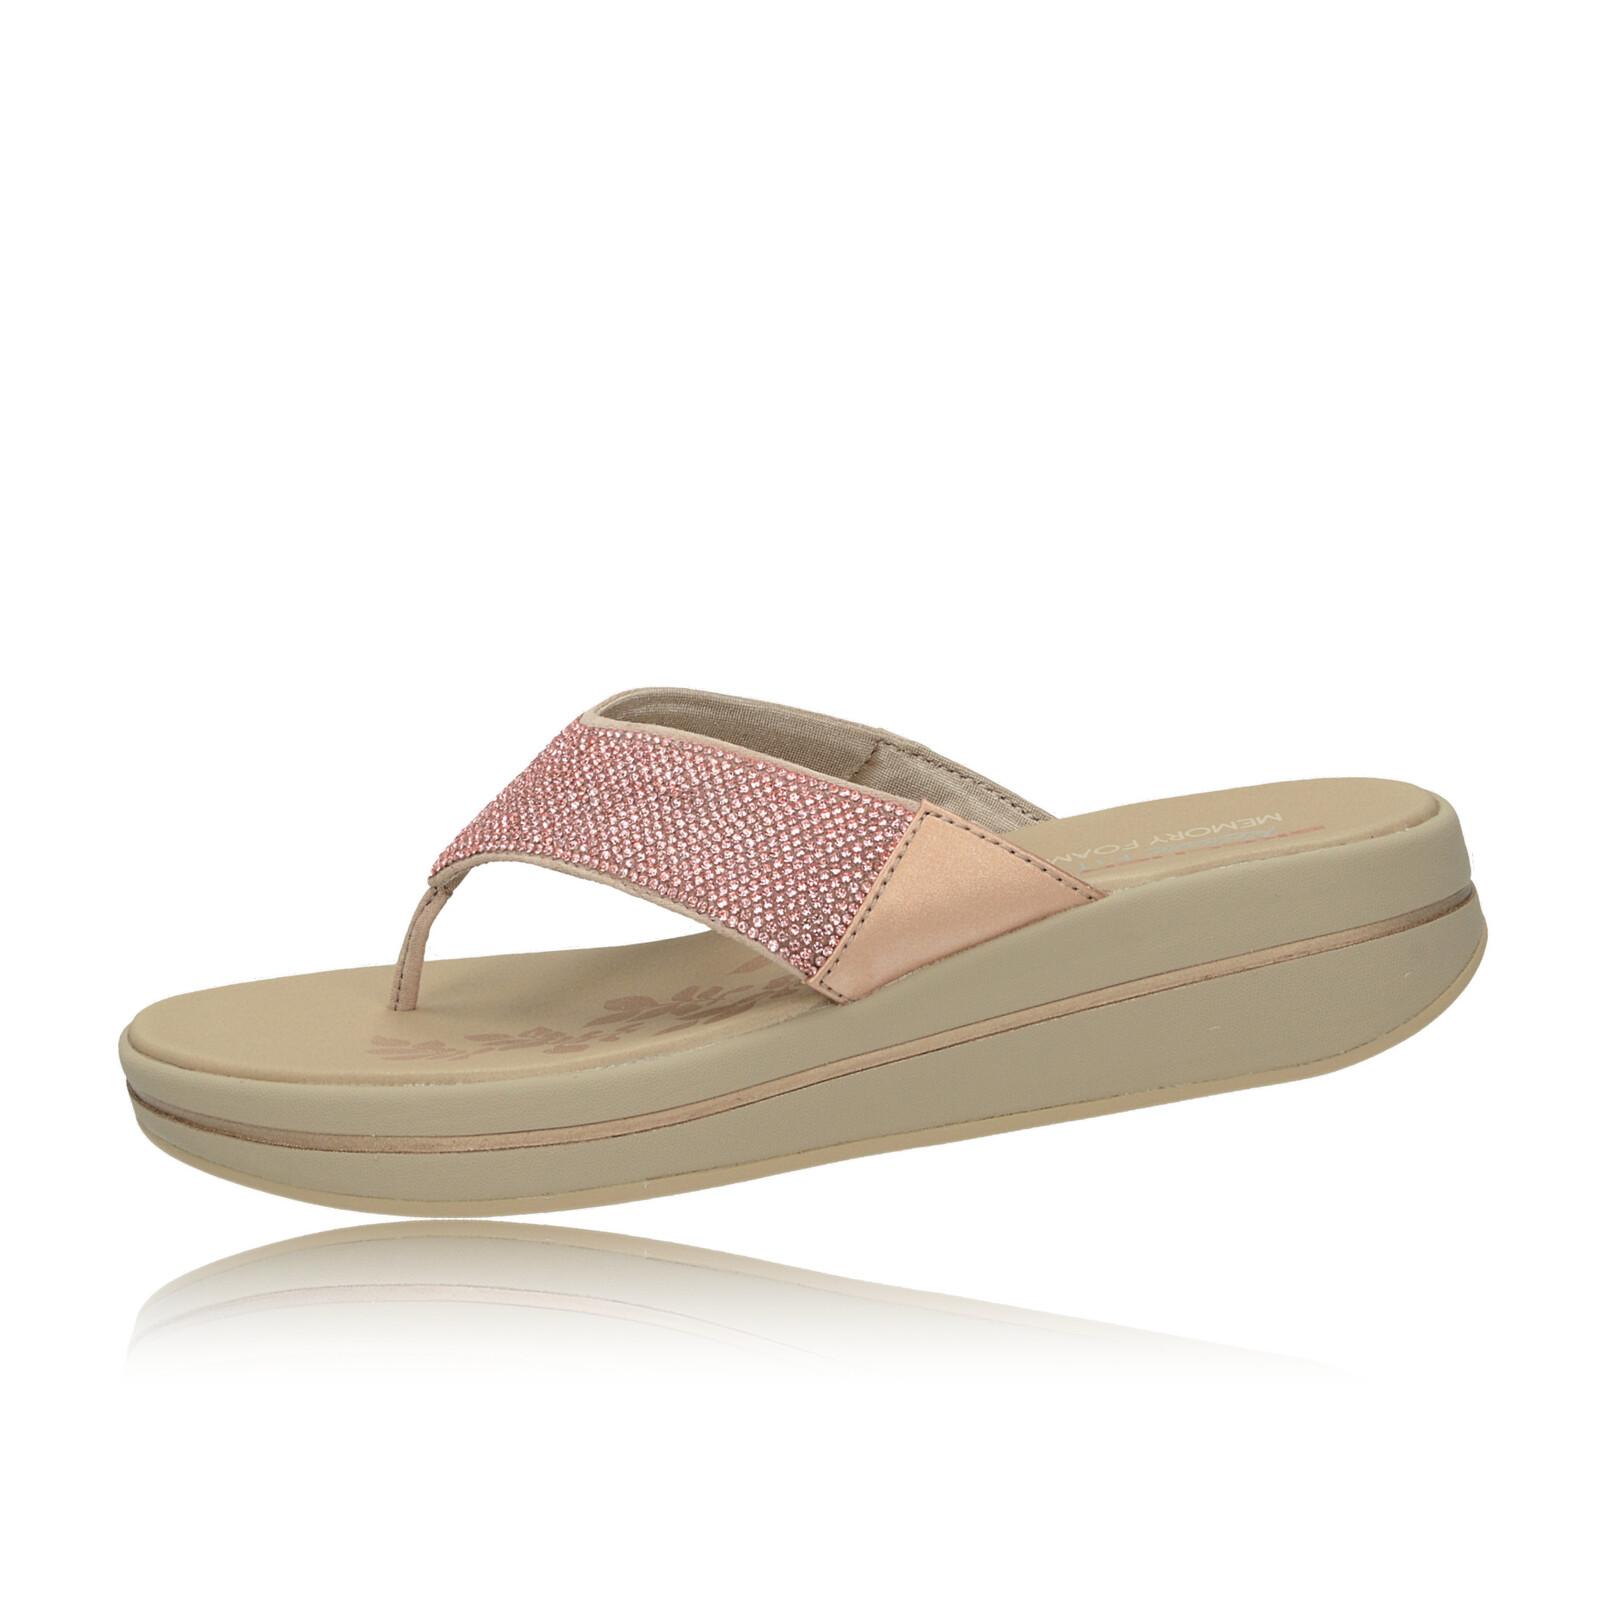 Skechers dámské stylové plážovky s ozdobnými kamínky - růžové